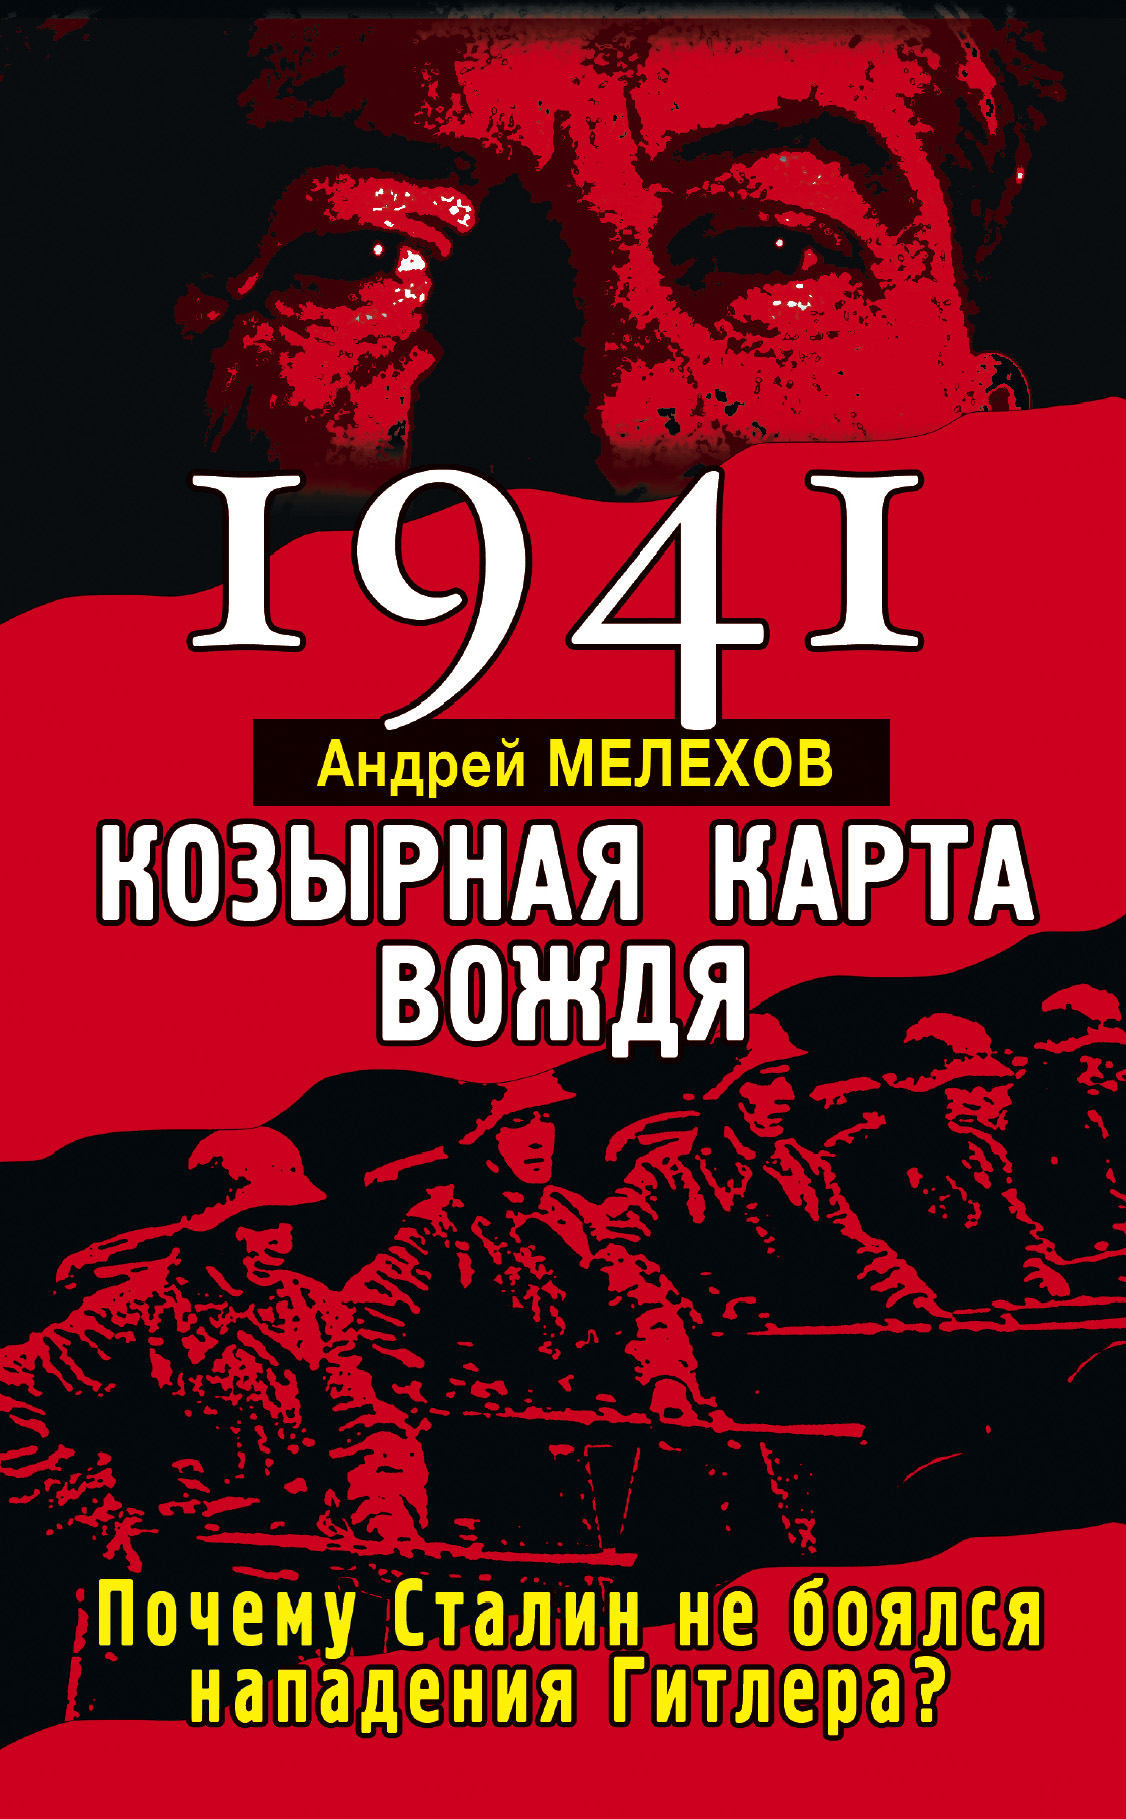 1941. Козырная карта вождя. Почему Сталин не боялся нападения Гитлера?